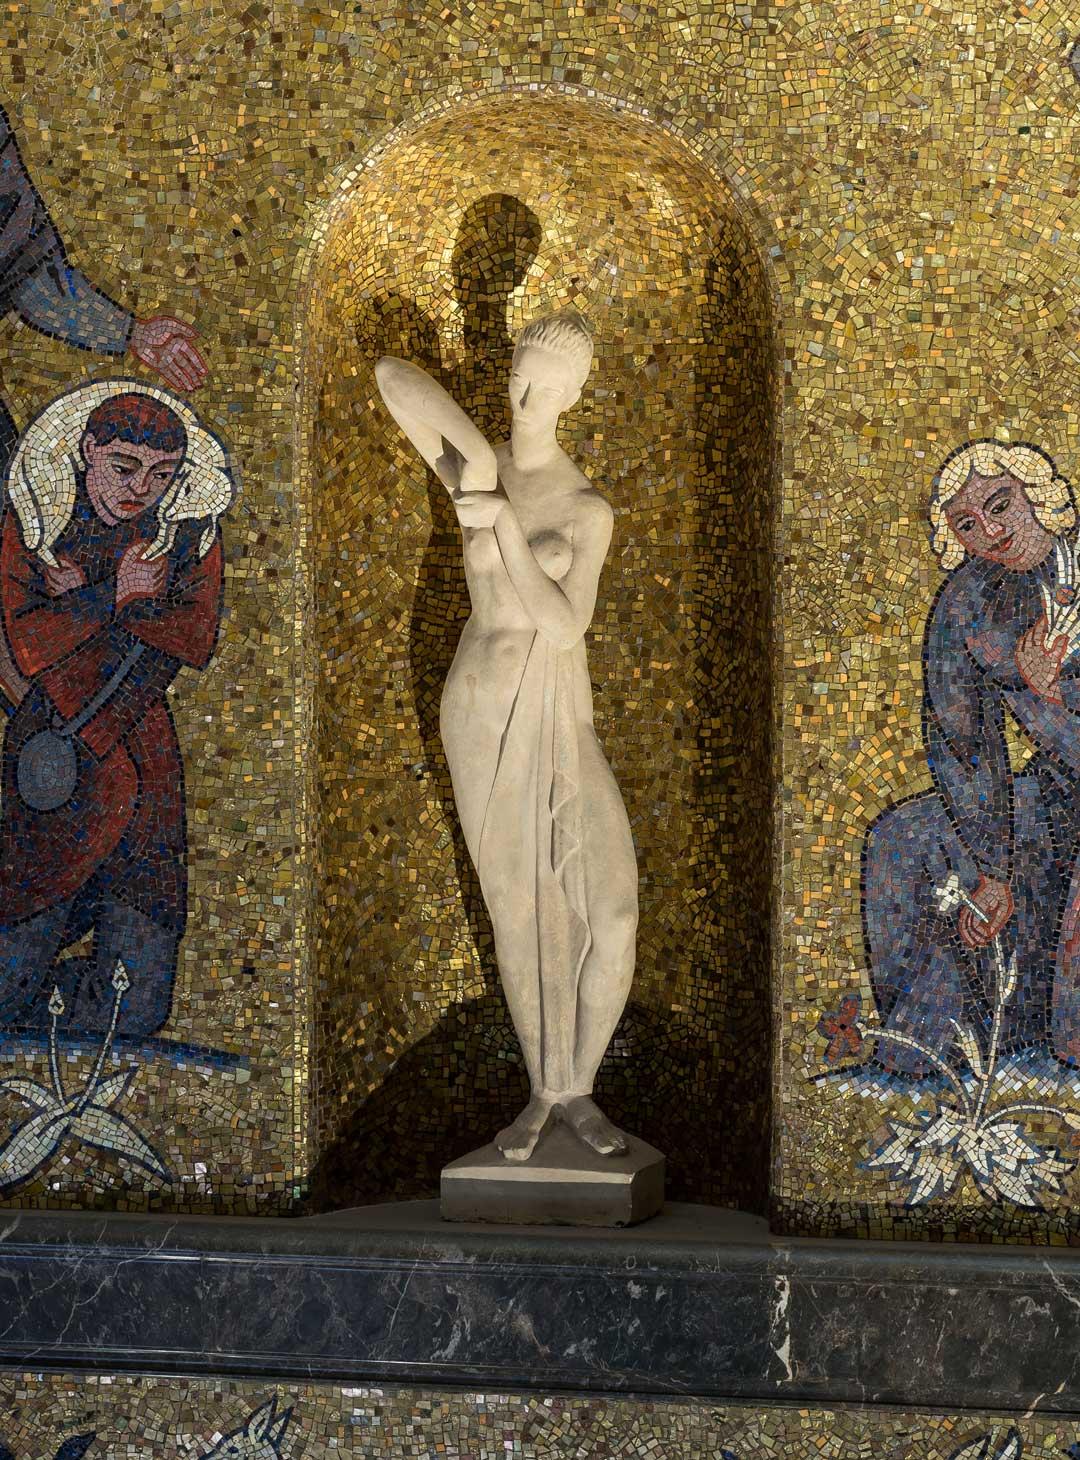 Eine der vier Figuren von Arnold Hensler im goldfarbenen Mosaik der achteckigen Eingangshalle des Museums Wiesbaden (Foto: Bernd Fickert)